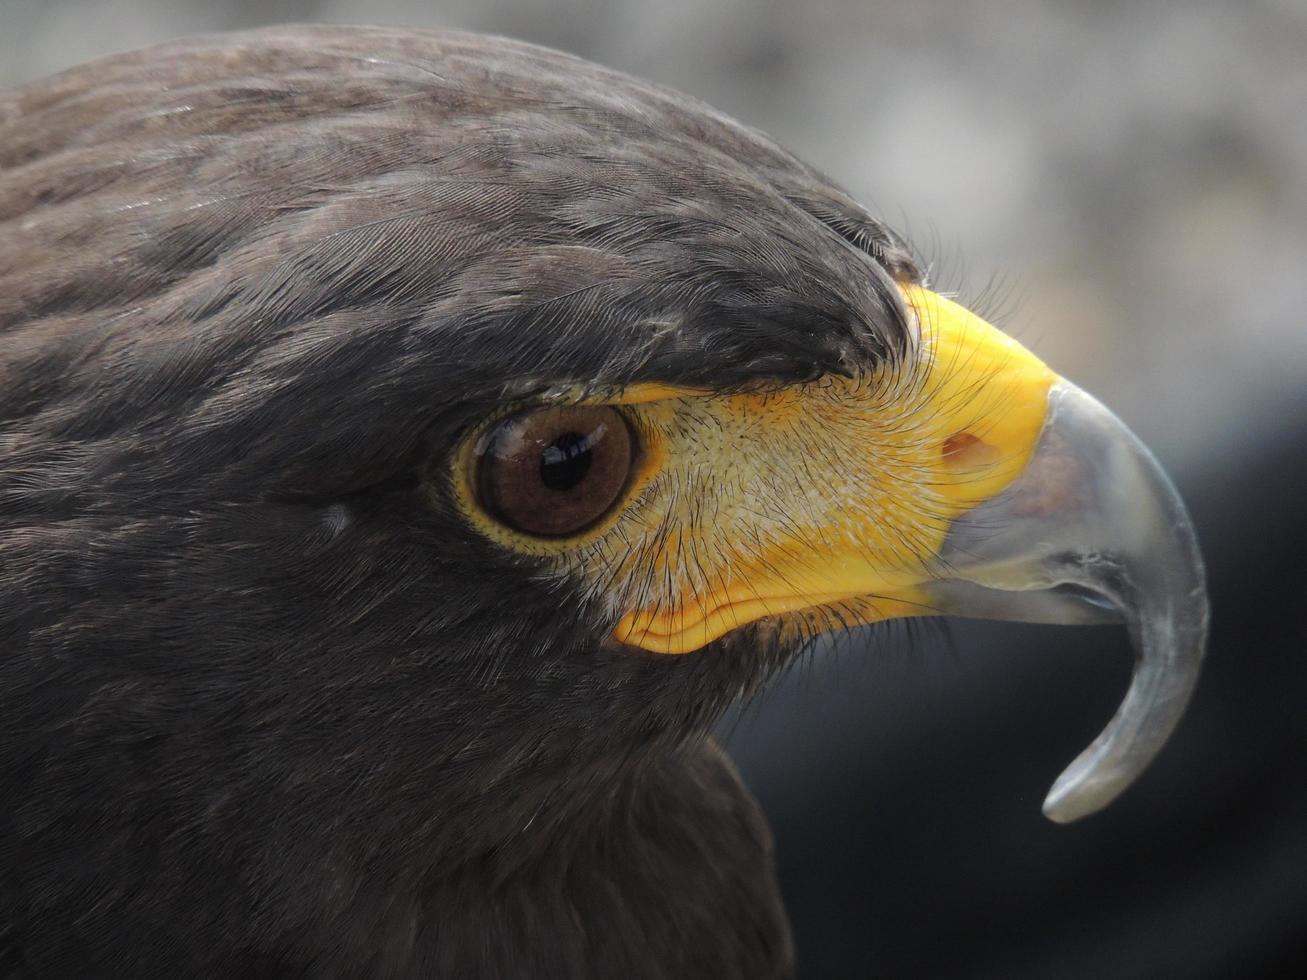 la cara de un halcón foto